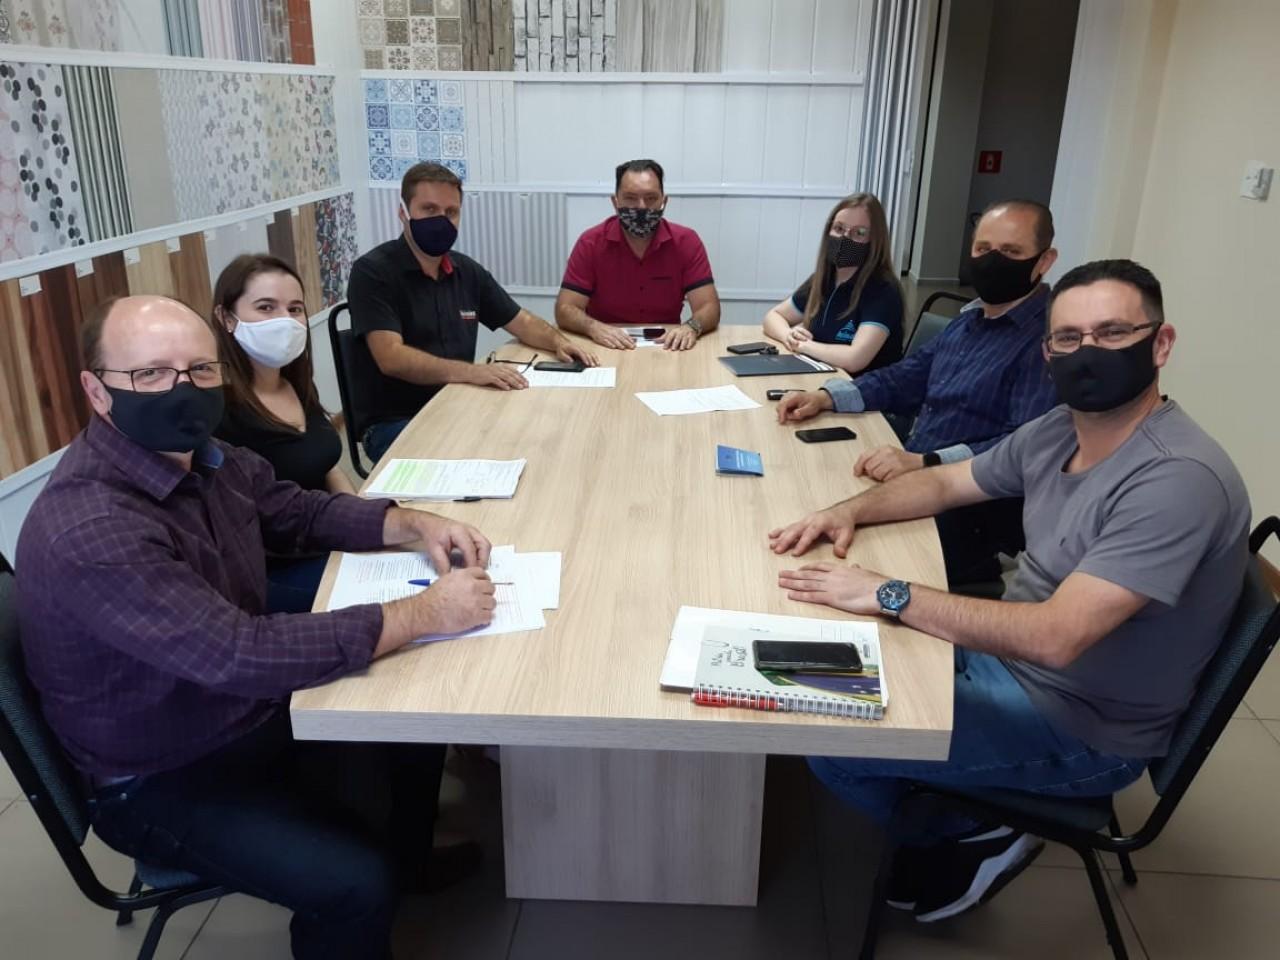 Acisat e Plasbil buscam viabilizar pavimentação Tapejara a Charrua